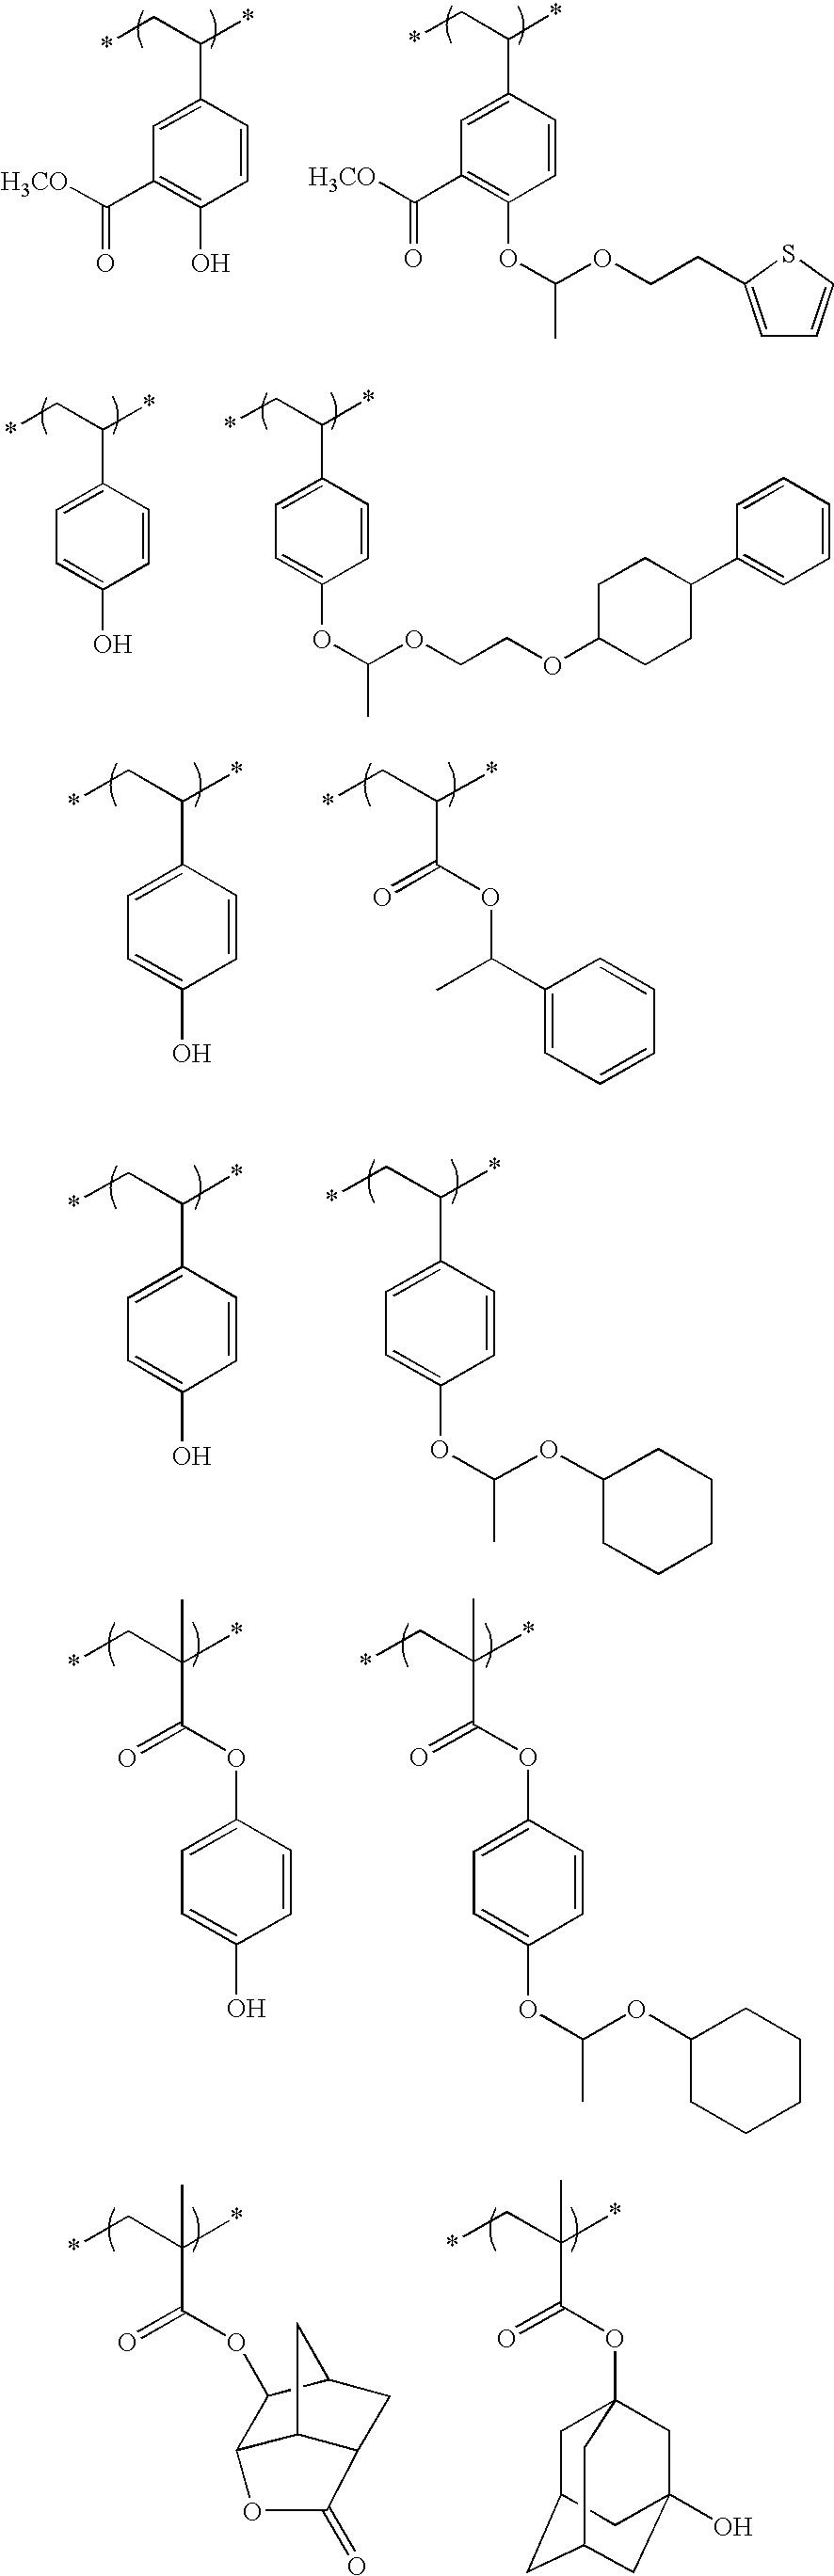 Figure US08852845-20141007-C00216